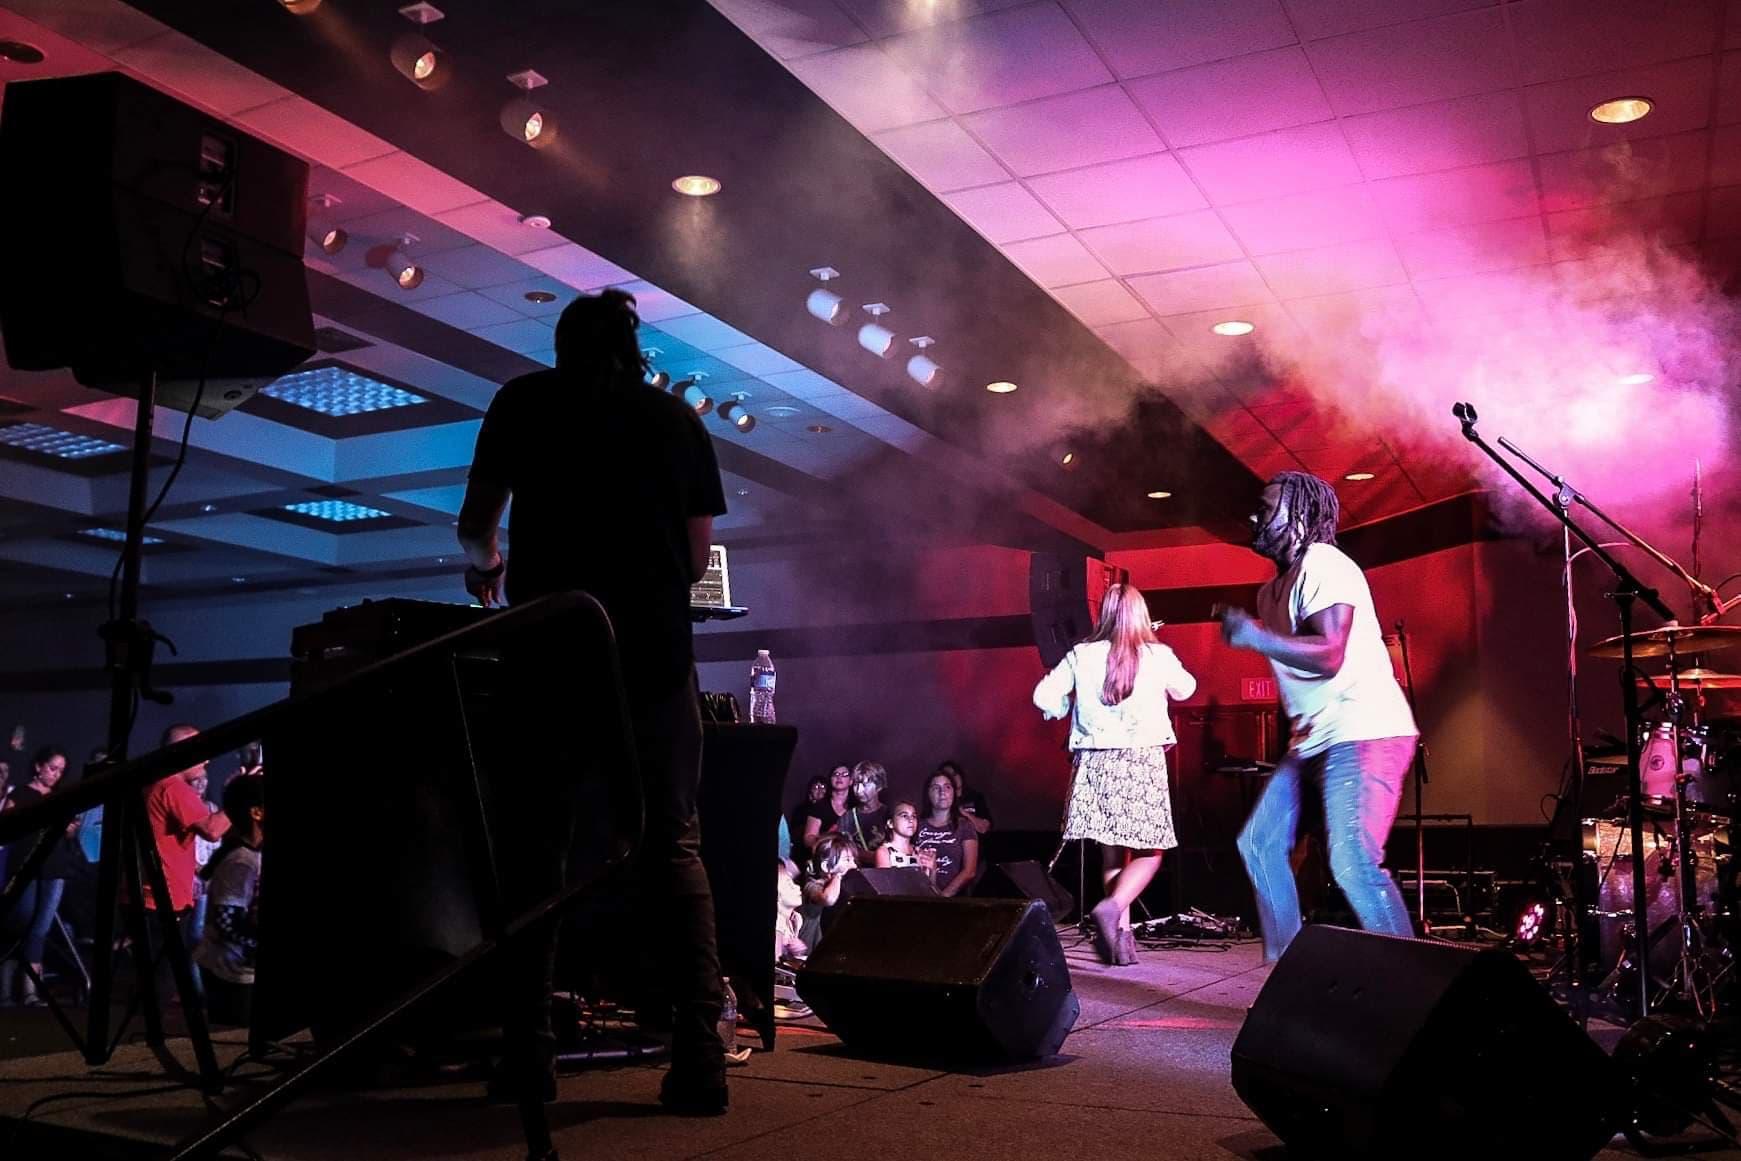 3_People_Stage.jpg